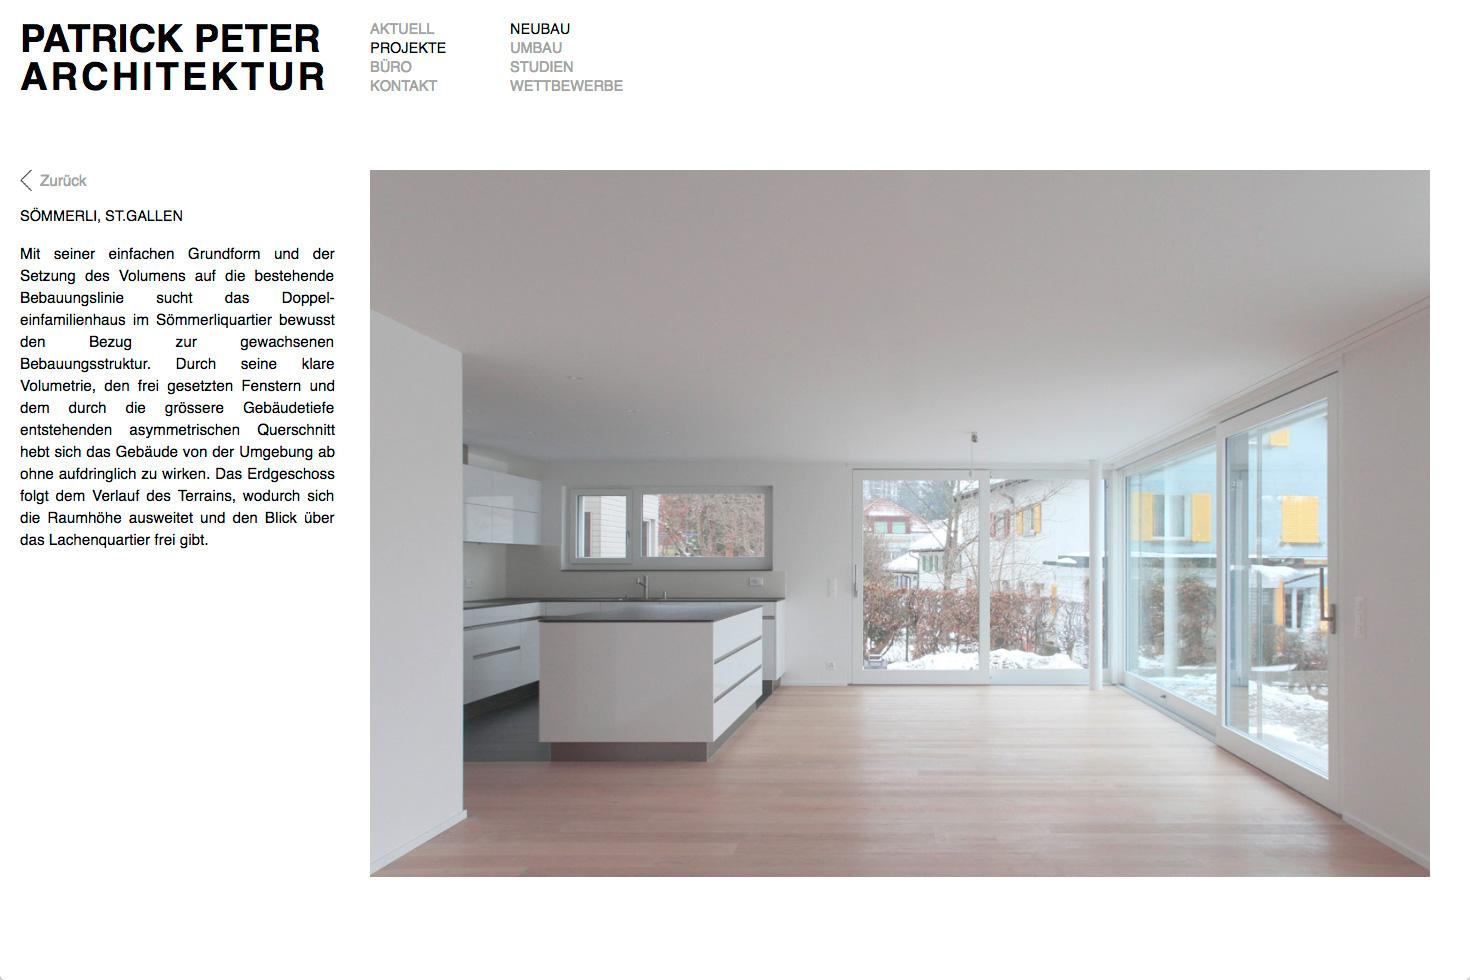 Bild 3 vom Patrickpeter-Architektur Webseite